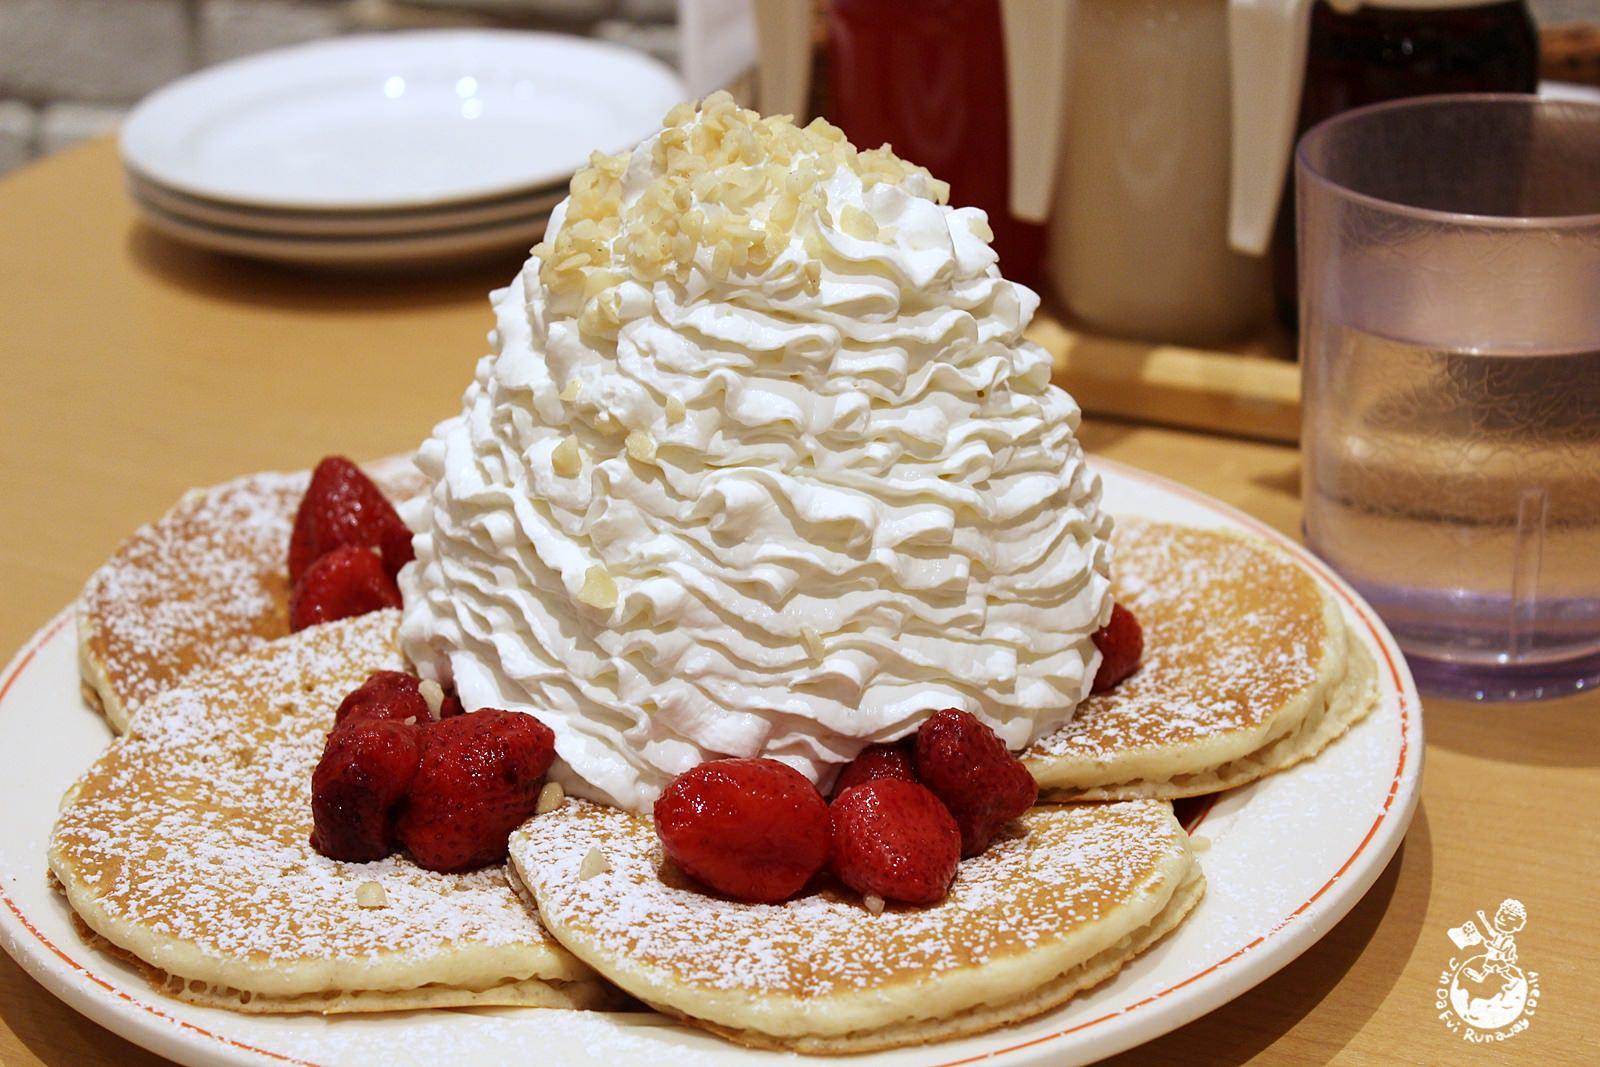 日本人氣甜點︳「Eggs'n Things」,我在心齋橋插旗的草莓鮮奶油火山鬆餅,進駐台北信義風松高